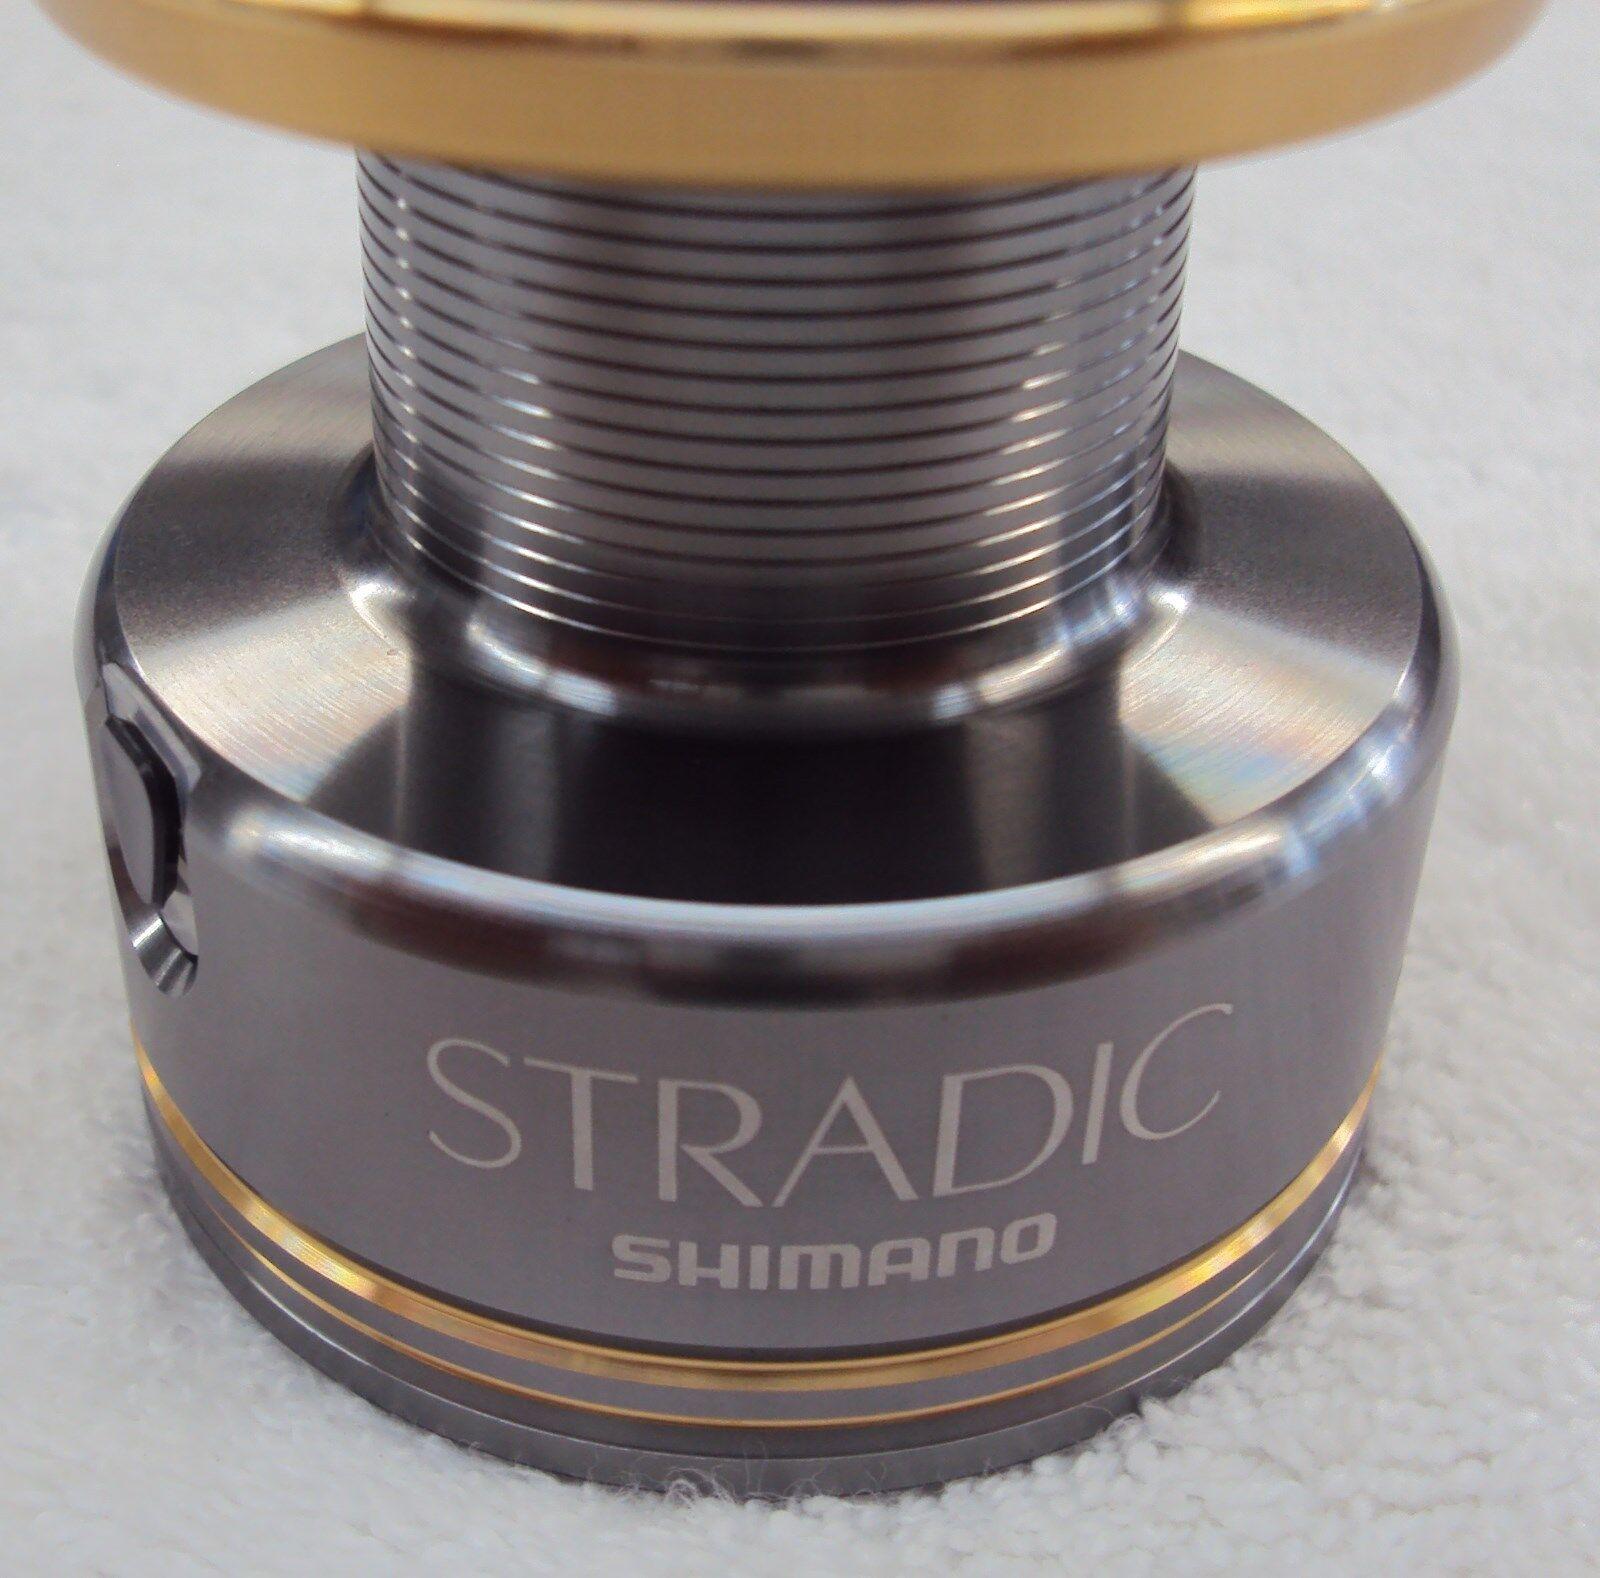 Shimano Stradic FJ Mulinello da Spinning di Ricambio Bobine Nuovo